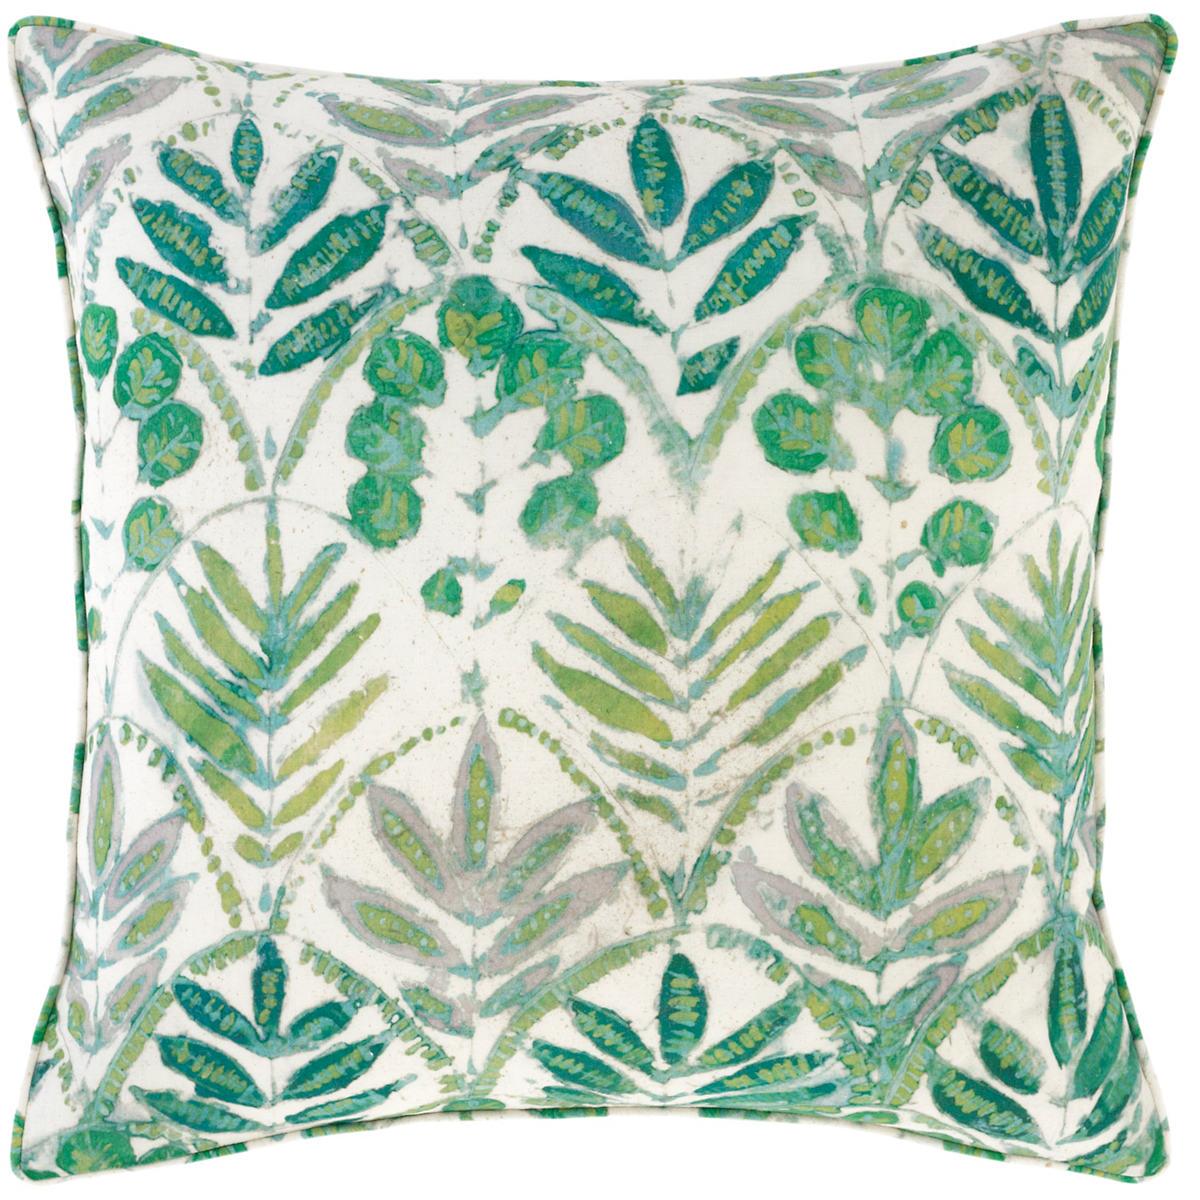 Botanical Decorative Pillow